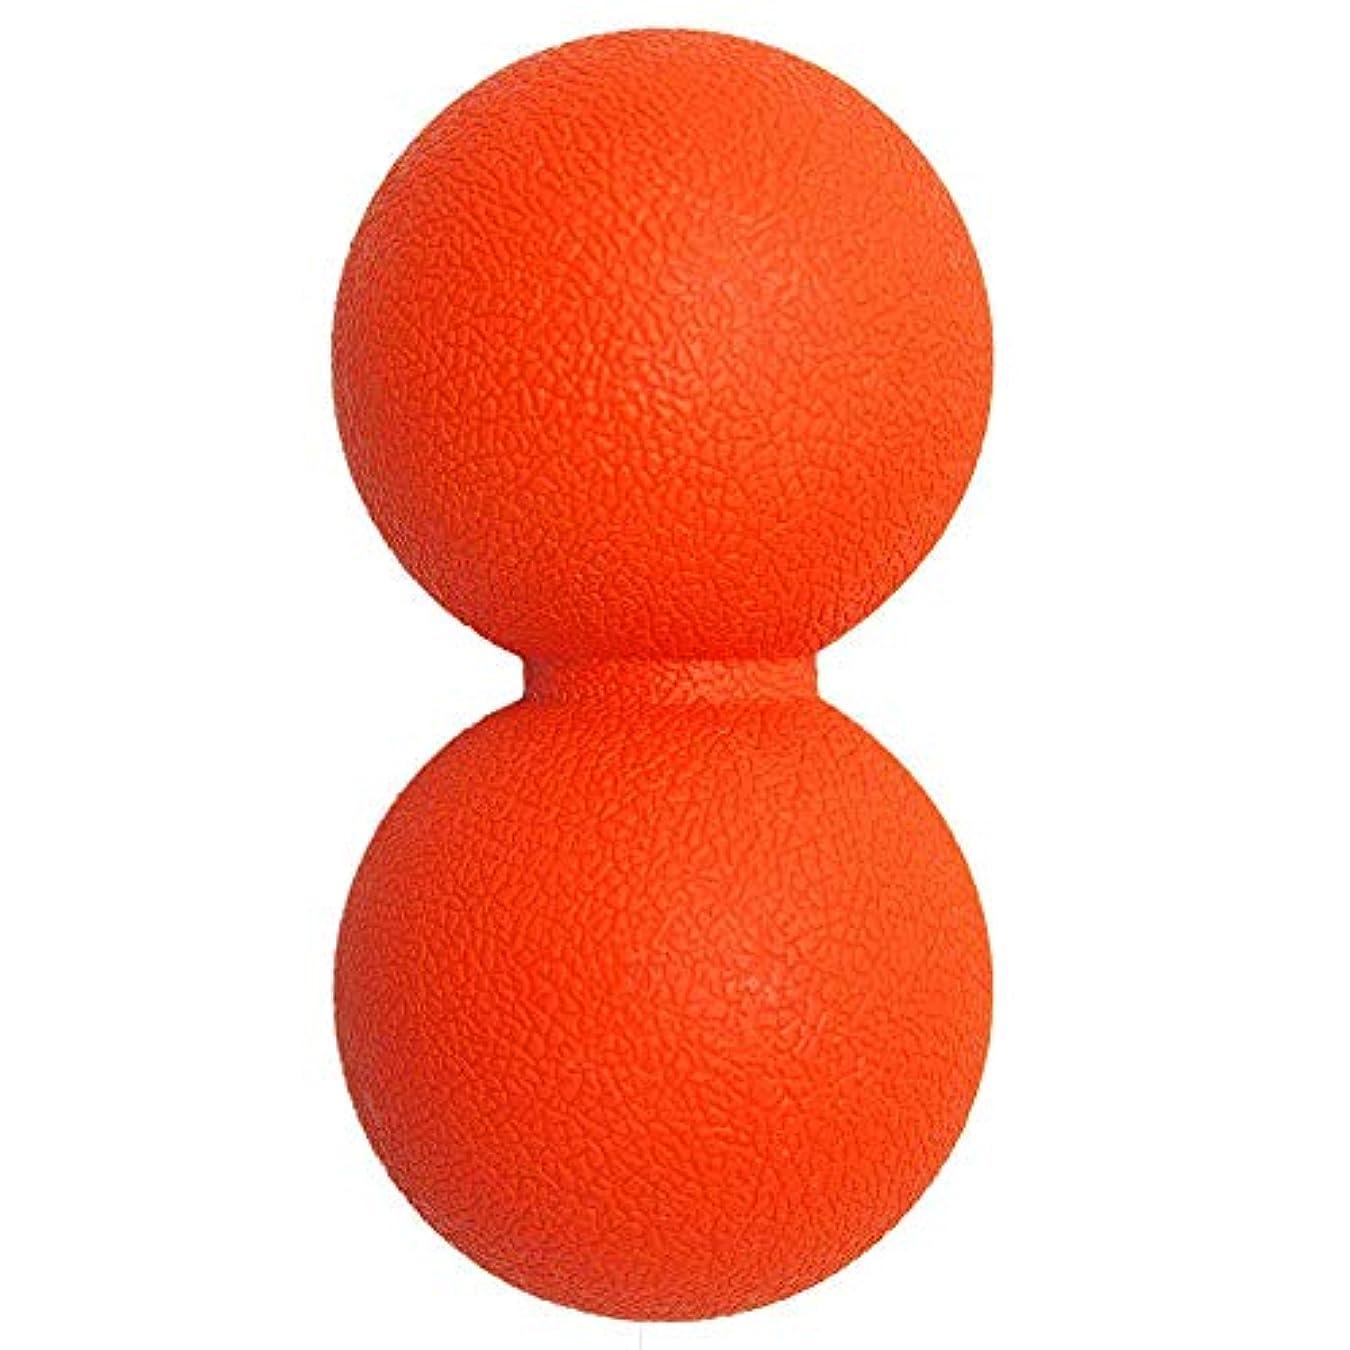 ラジエーター代理人マッサージボール 筋膜リリースストレッチボール 肩こり 腰 足裏ツボ押しグッズ 背中,オレンジ